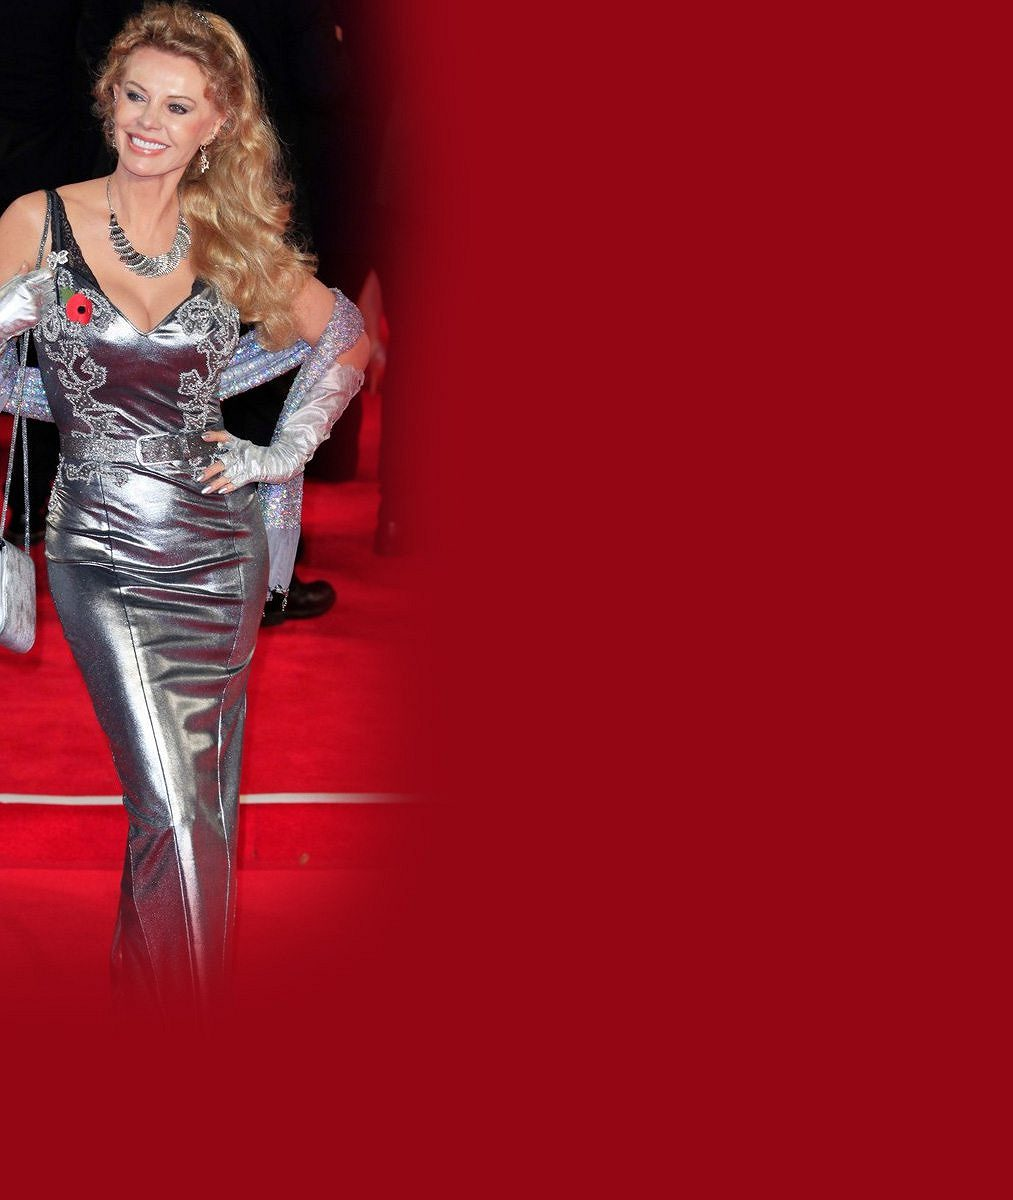 Bývalá Bond girl byla ozdobou premiéry: V 65 letech předvedla dokonalou figuru